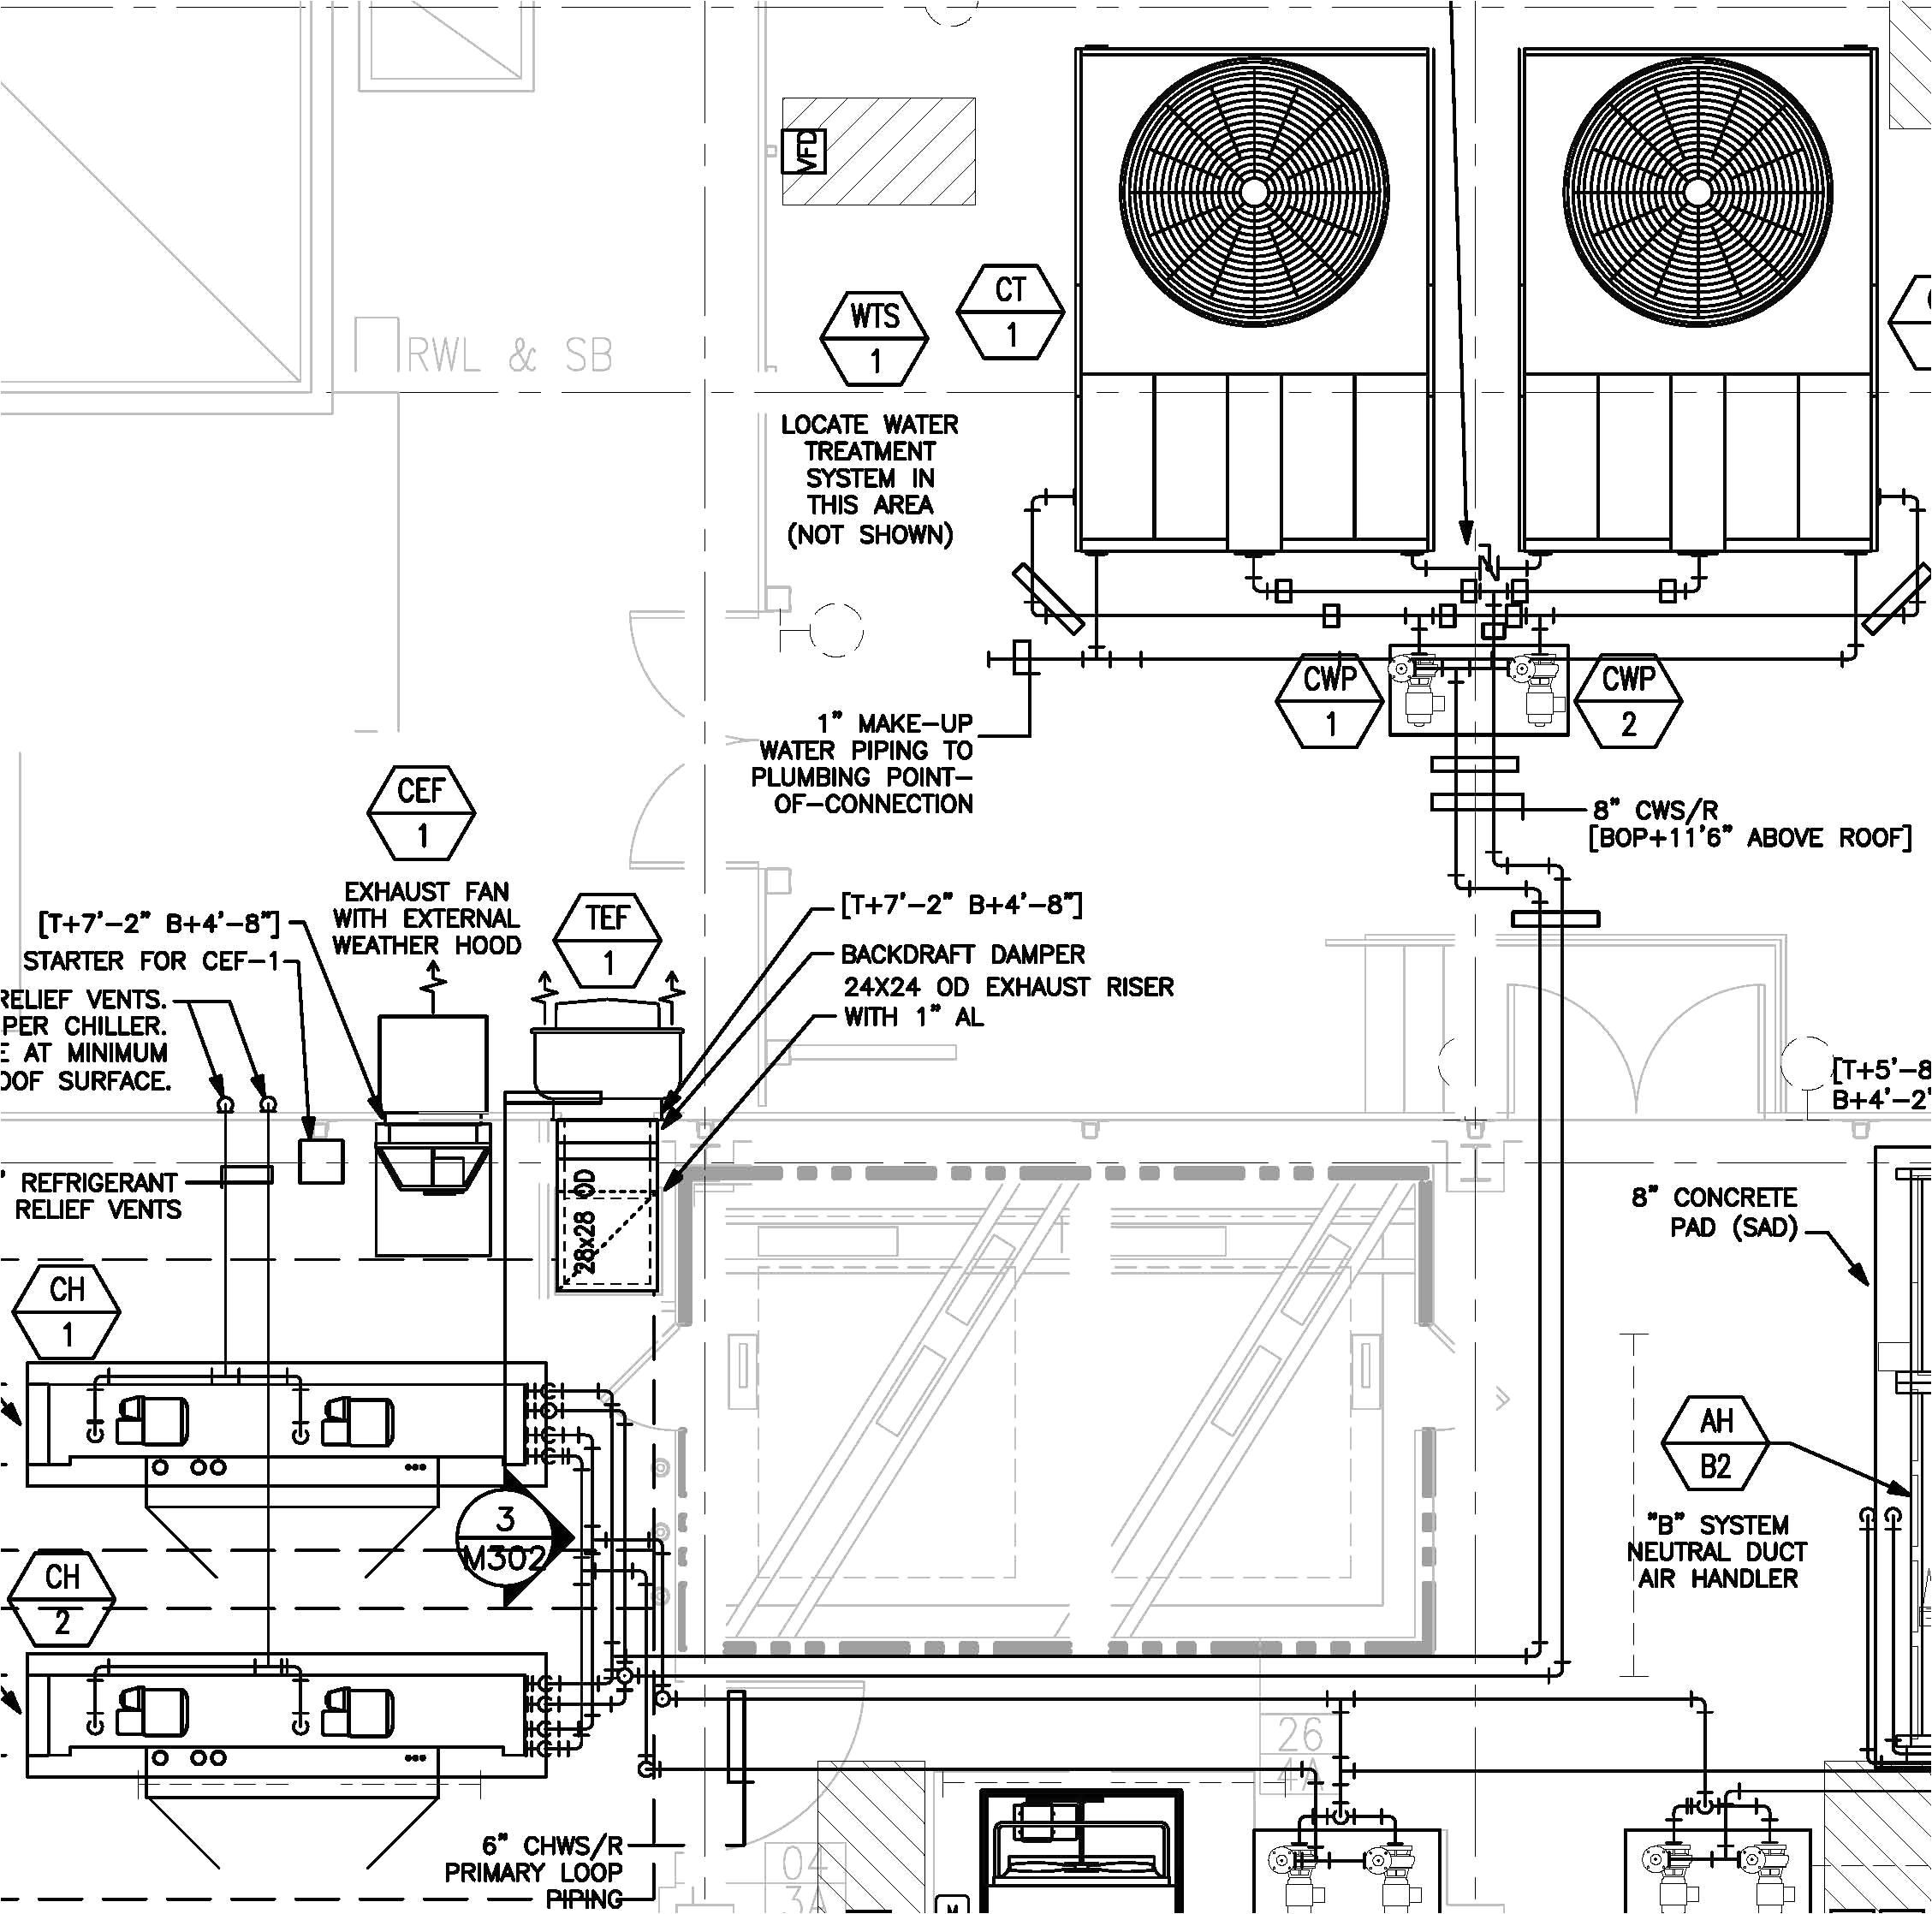 intelilite amf 25 wiring diagram inspirational wiring diagram relb 2s40 n wiring diagram inspirational wiring